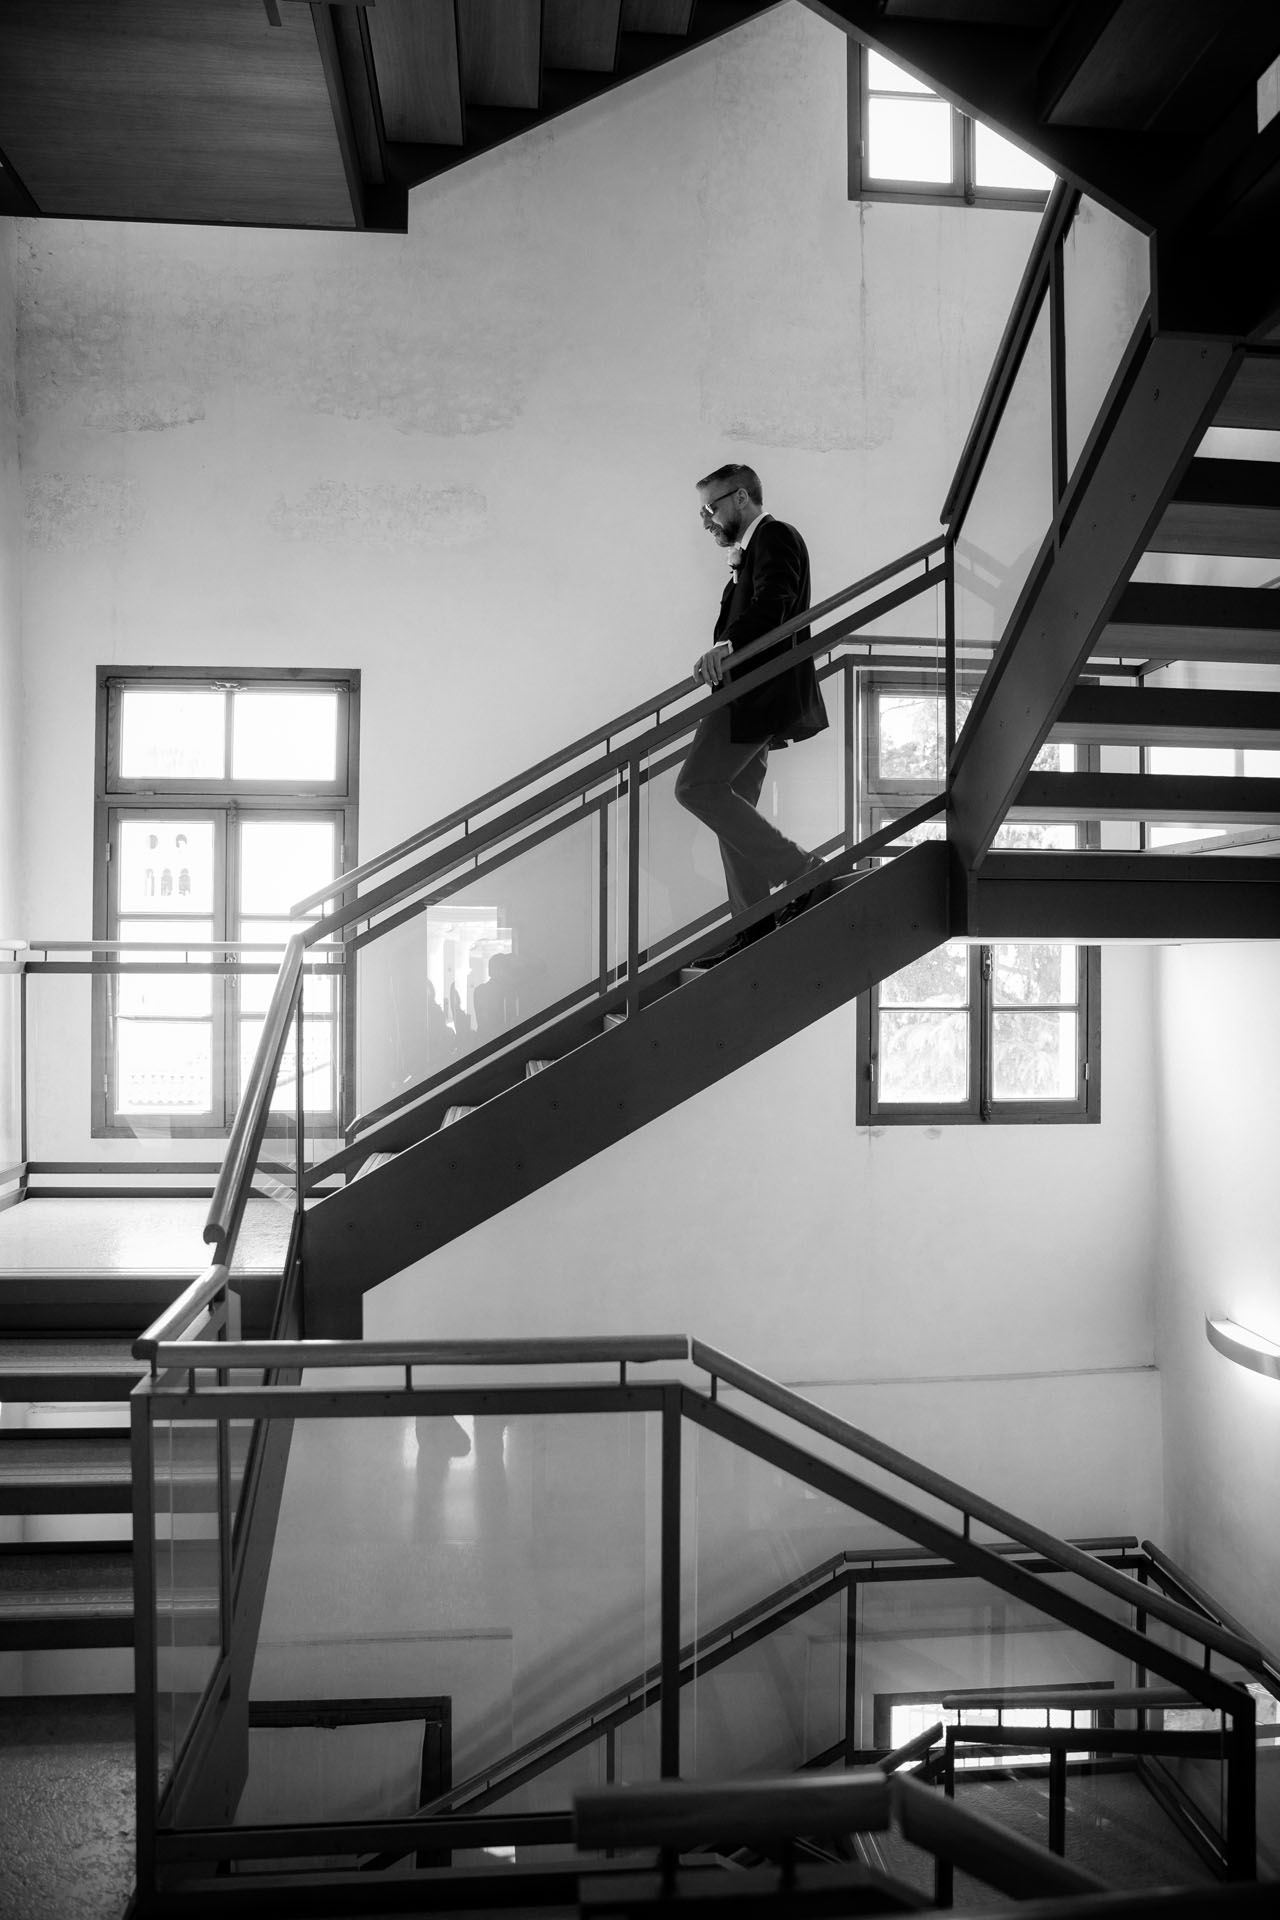 Jessica-Jason-Architettura-delle -Linee-Weddingdestination-Storytelling-Renato-Zanette-Fotografo-Convento-San-Francesco-Conegliano-Treviso-Veneto